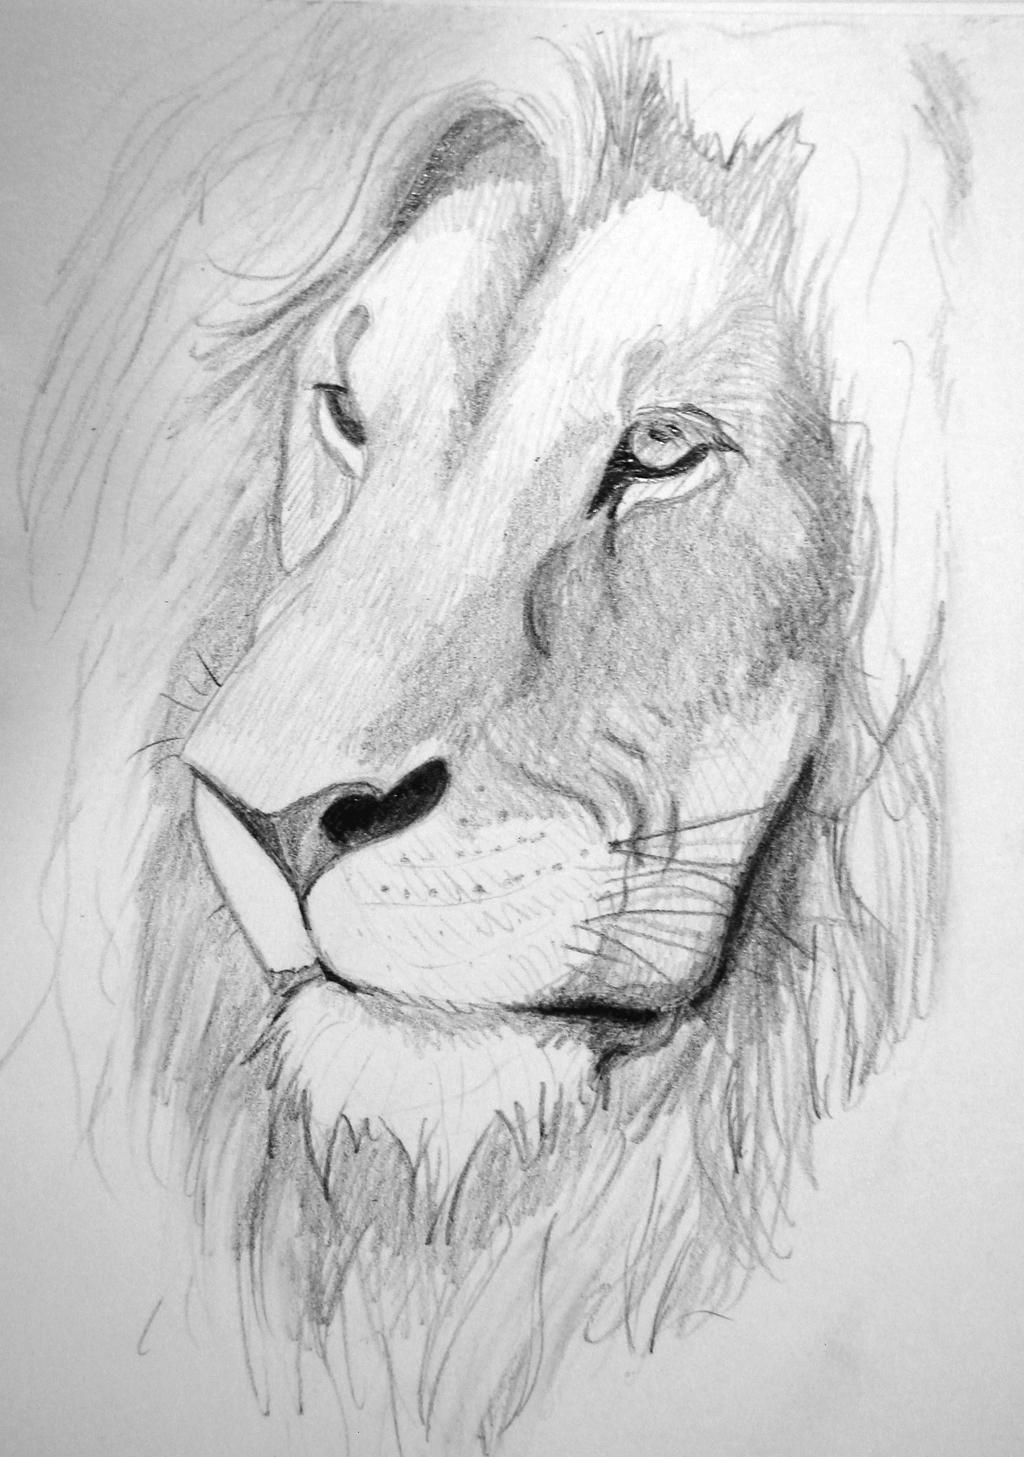 lion_11___closeup_by_kiaraslz_dcr7dww-fullview.jpg?token=eyJ0eXAiOiJKV1QiLCJhbGciOiJIUzI1NiJ9.eyJzdWIiOiJ1cm46YXBwOjdlMGQxODg5ODIyNjQzNzNhNWYwZDQxNWVhMGQyNmUwIiwiaXNzIjoidXJuOmFwcDo3ZTBkMTg4OTgyMjY0MzczYTVmMGQ0MTVlYTBkMjZlMCIsIm9iaiI6W1t7ImhlaWdodCI6Ijw9MTQ1NyIsInBhdGgiOiJcL2ZcL2U5ZDkzYWFmLTZkOGItNDdiZS04OTNkLWU5N2NiM2ViNDFiMFwvZGNyN2R3dy0zMzA1MzlhMy02MTRjLTRiM2ItODM0Ny05YmExNWE2ZjkxMzEuanBnIiwid2lkdGgiOiI8PTEwMjQifV1dLCJhdWQiOlsidXJuOnNlcnZpY2U6aW1hZ2Uub3BlcmF0aW9ucyJdfQ.CAQZsAyXNBLQLjpc7x_uKa4dKzOwy1reo8ImqIHx2rQ